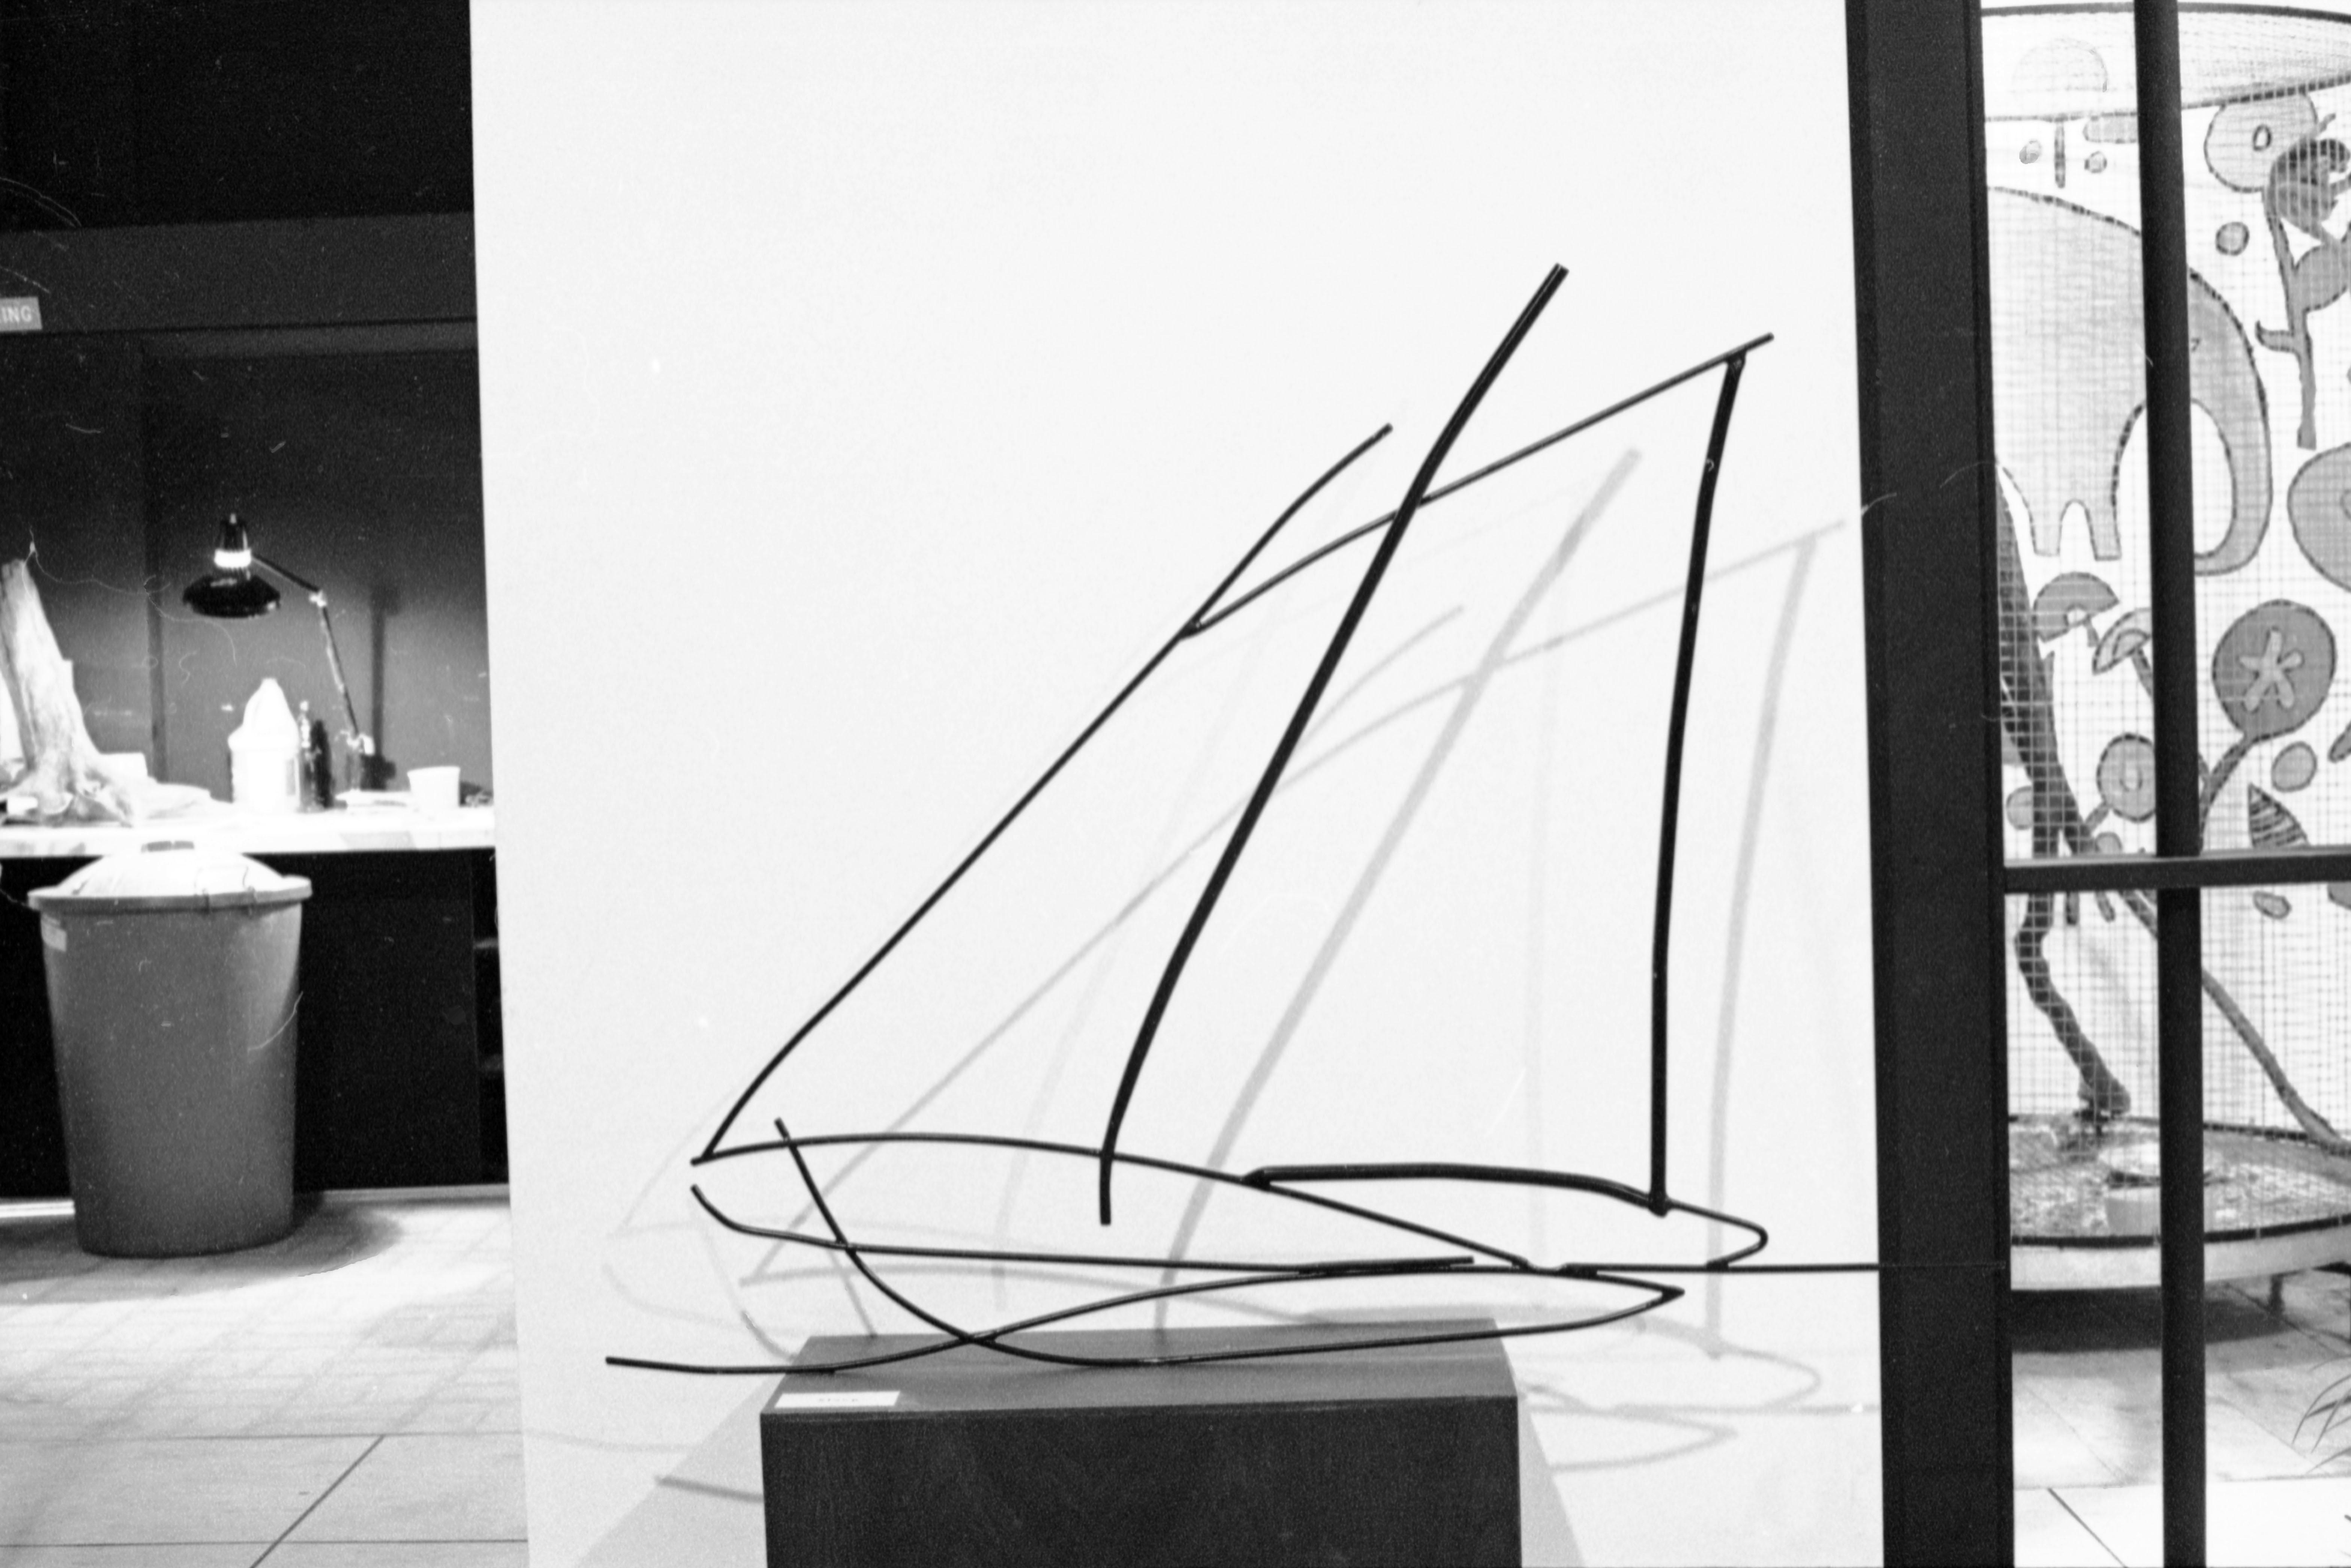 Sloop, Steel, by Ralph M. Tate.